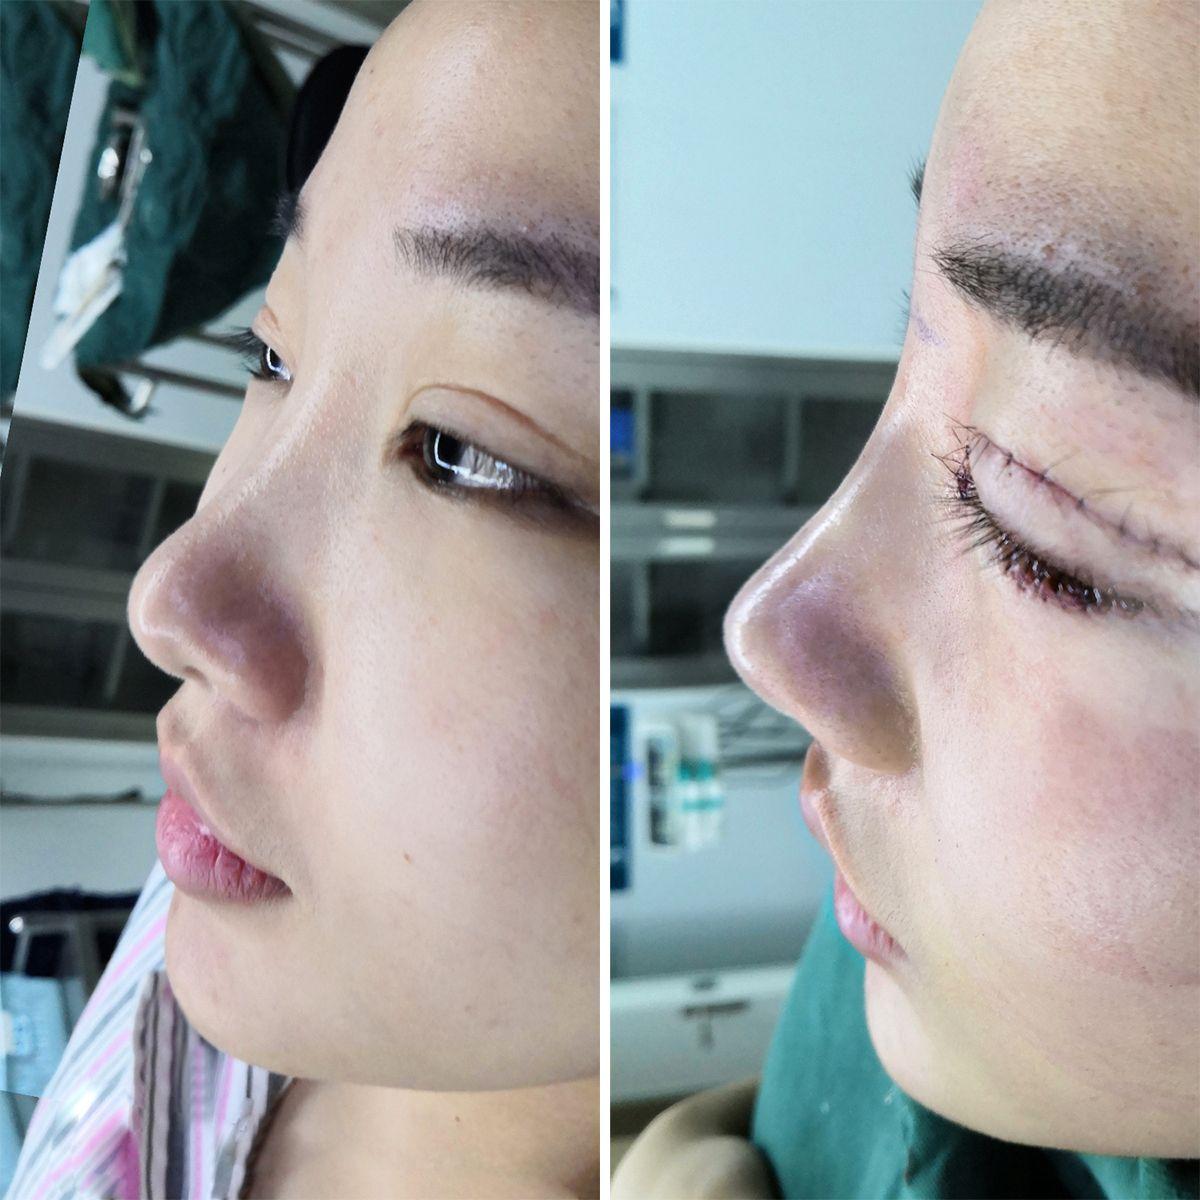 我到了沈阳童颜,见到了主任,我也询问了一下关于我鼻子的问题。在沟通中发现,我的鼻子很矮,因为鼻背部分的缺陷,与鼻头较大,所以看起来很笨重。之前我是考虑过做一下单纯的隆鼻手术,但是我发现并不能彻底解决问题,不如鼻综合手术对我帮助更大一些。之后我与主任沟通过后见到了院长,我做了一些手术前的准备工作。之后我进到了手术中,院长给我进行了画线与设计,在设计中我也与院长沟通了一下,毕竟我看到很多姐妹们的分享日记,在术前与院长沟通过程很重要,嘻嘻。 做手术嘛难免会有一些紧张感,不过院长很暖心的给我进行沟通,让我有很大缓解。而且这次手术,我也做了眼综合手术,嘻嘻···毕竟多改善一下对于自己的颜值也是很有帮助哒~ 好啦,姐妹们今天就先分享到这里,希望姐妹们能够多多关注我,如果姐妹们想要了解我术后的样子一定要持续关注。嘻嘻··